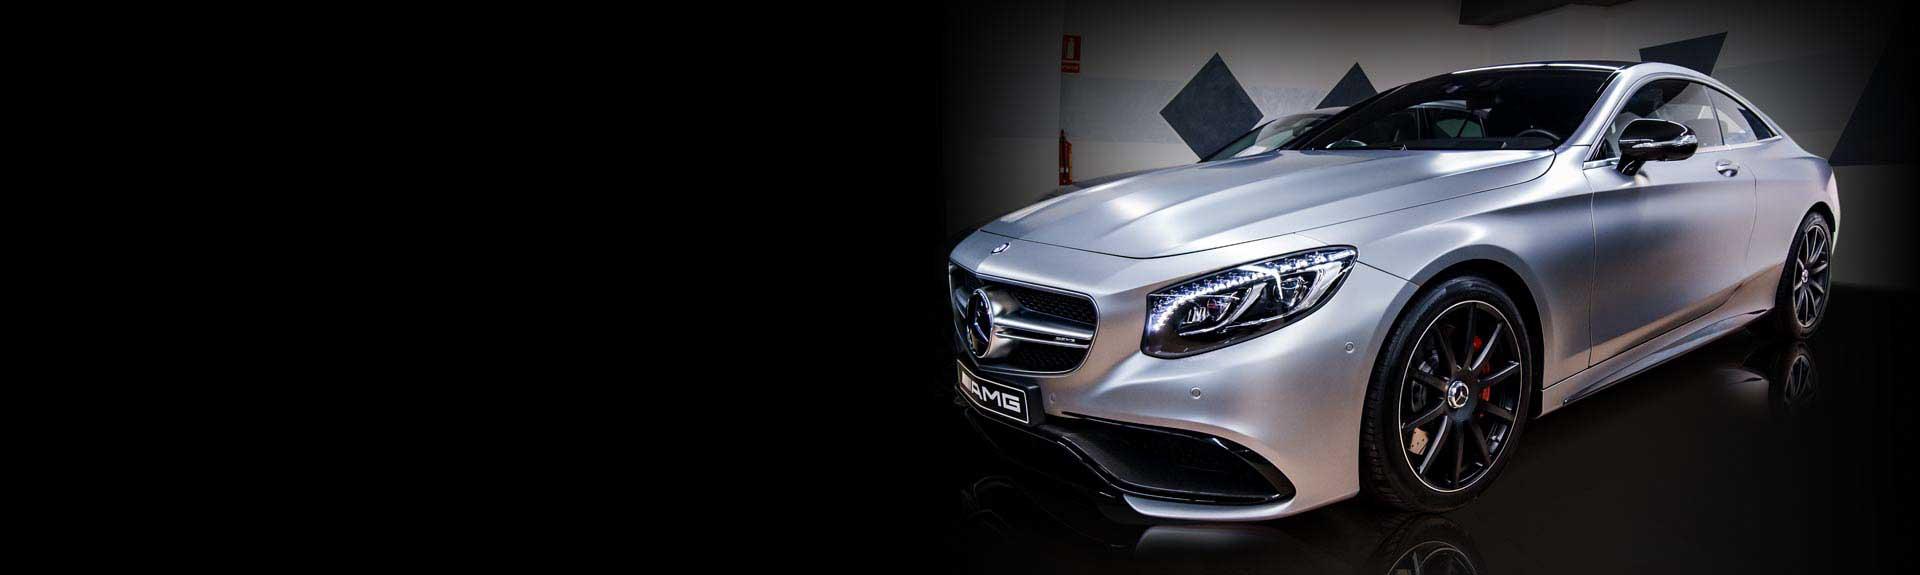 Deportivos - Auto Exclusive BCN - Concesionario Ocasión Mercedes Barcelona